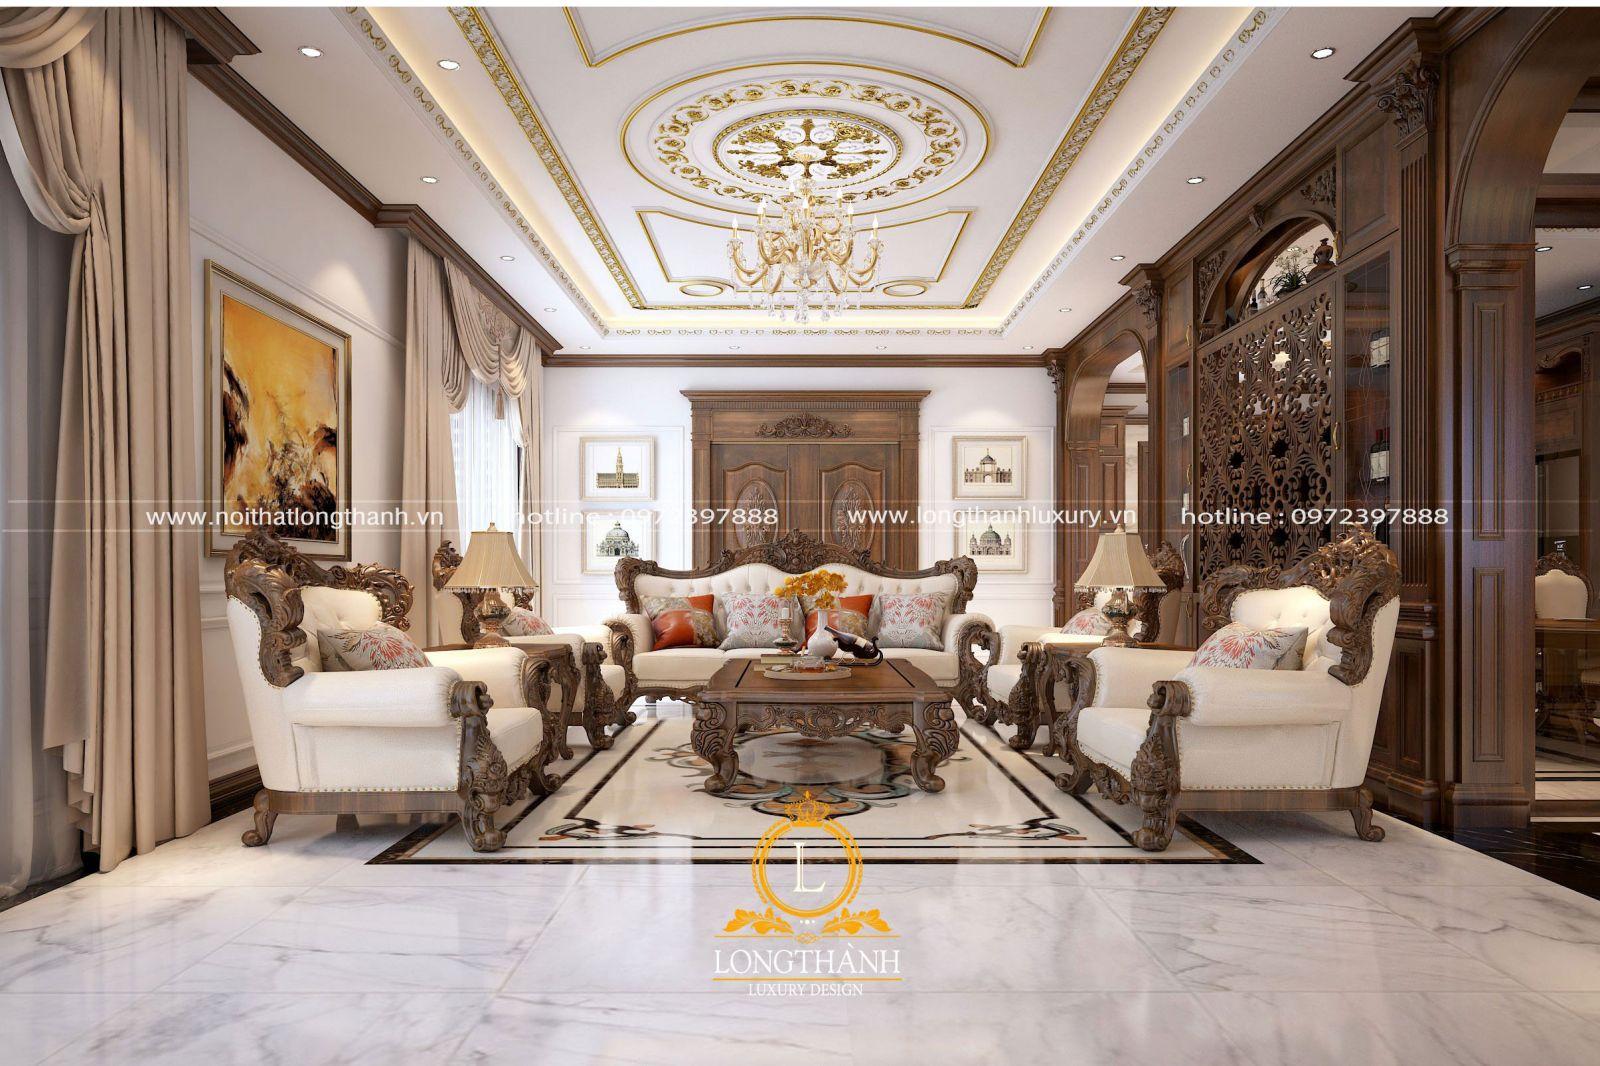 Thiết kế nội thất tân cổ điển là sự pha trộn của hai yếu tố cổ điển cùng với hiện đại